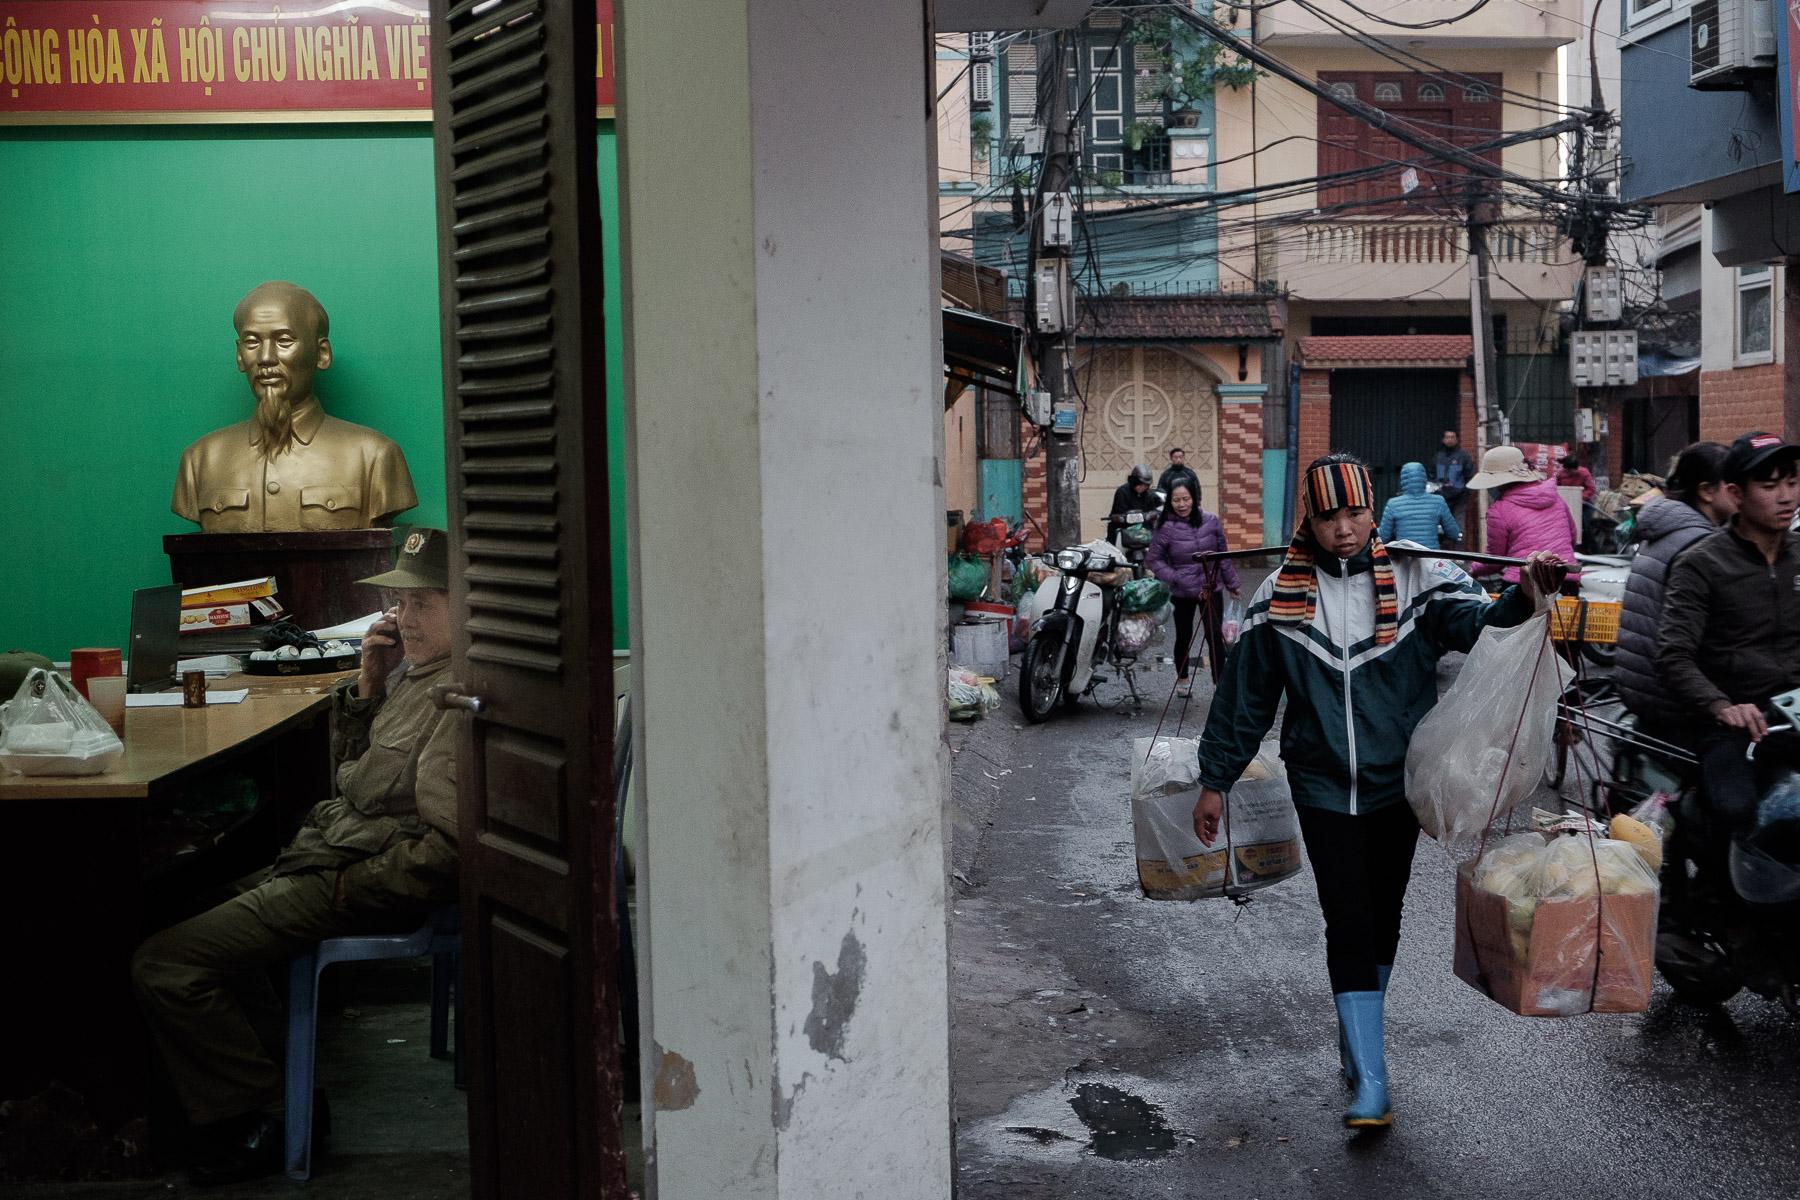 Long Biên, Hanoi